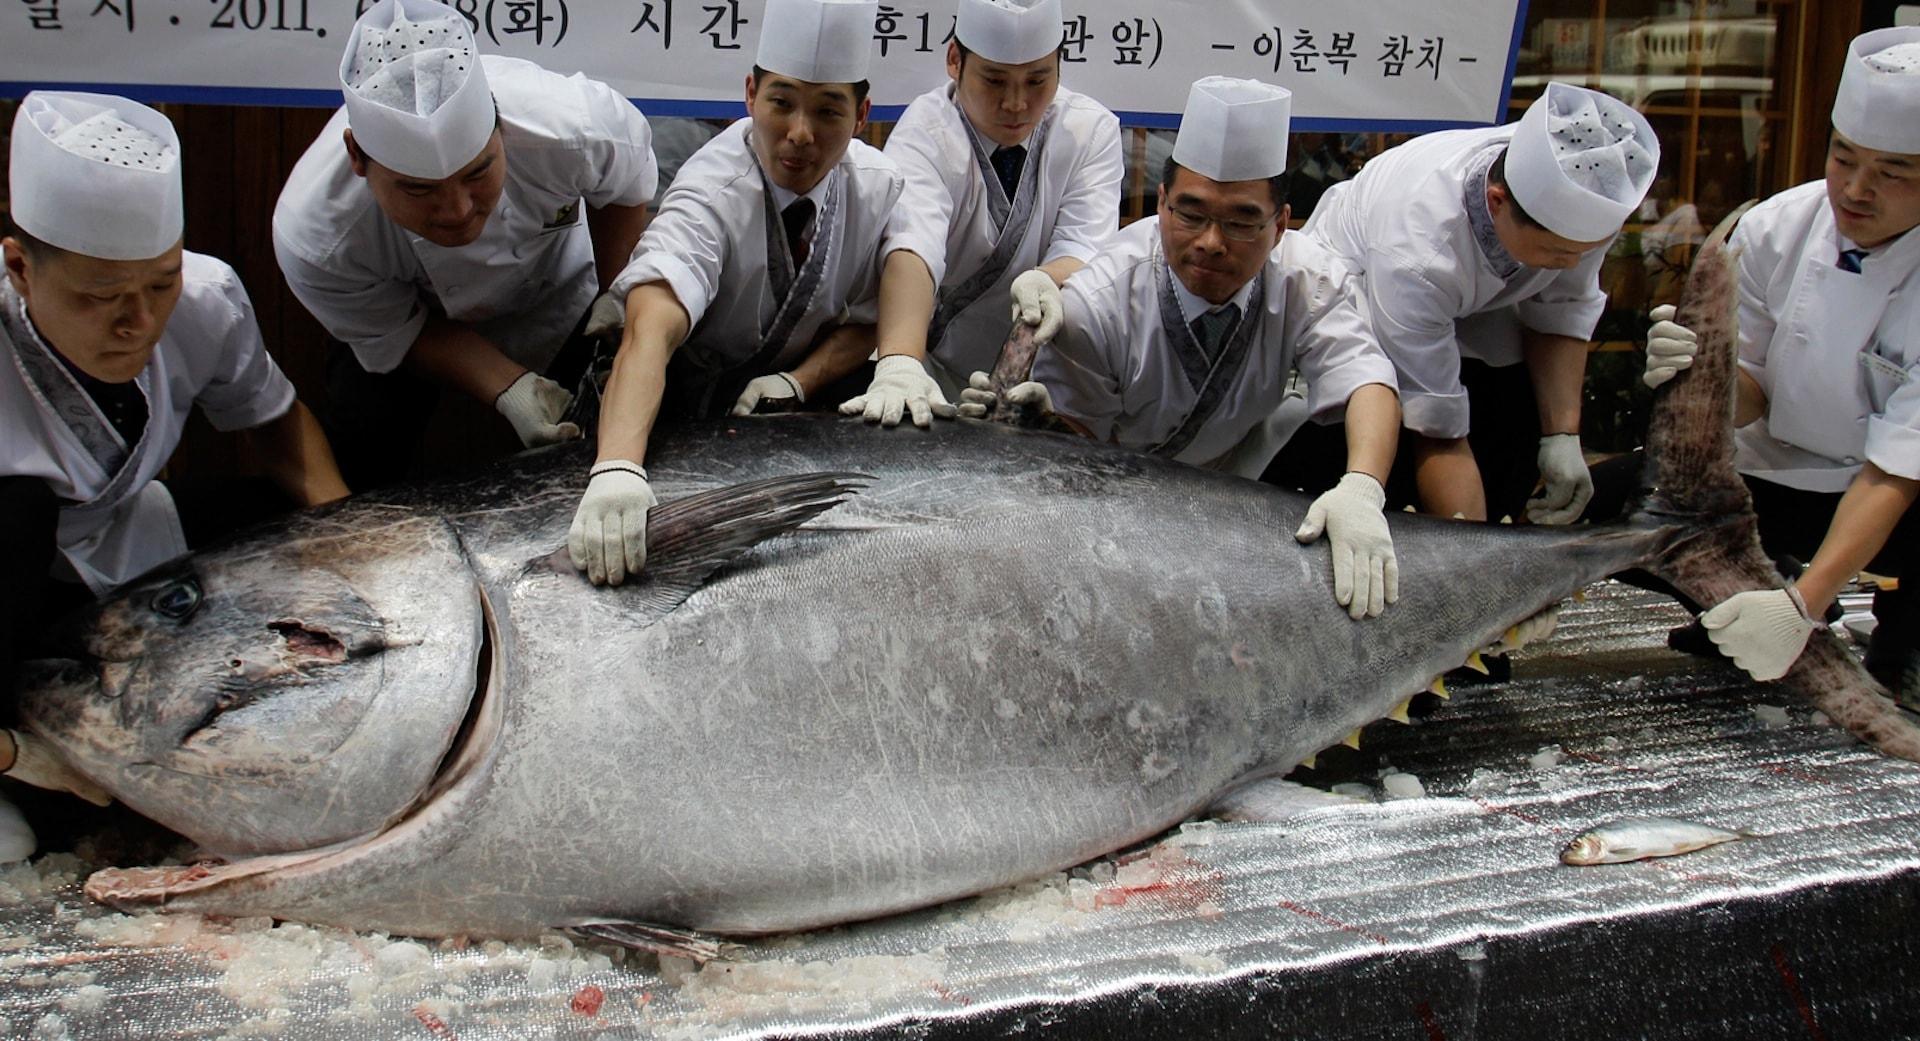 В Японии был продан на аукционе самый большой тунец за последнее 10 лет